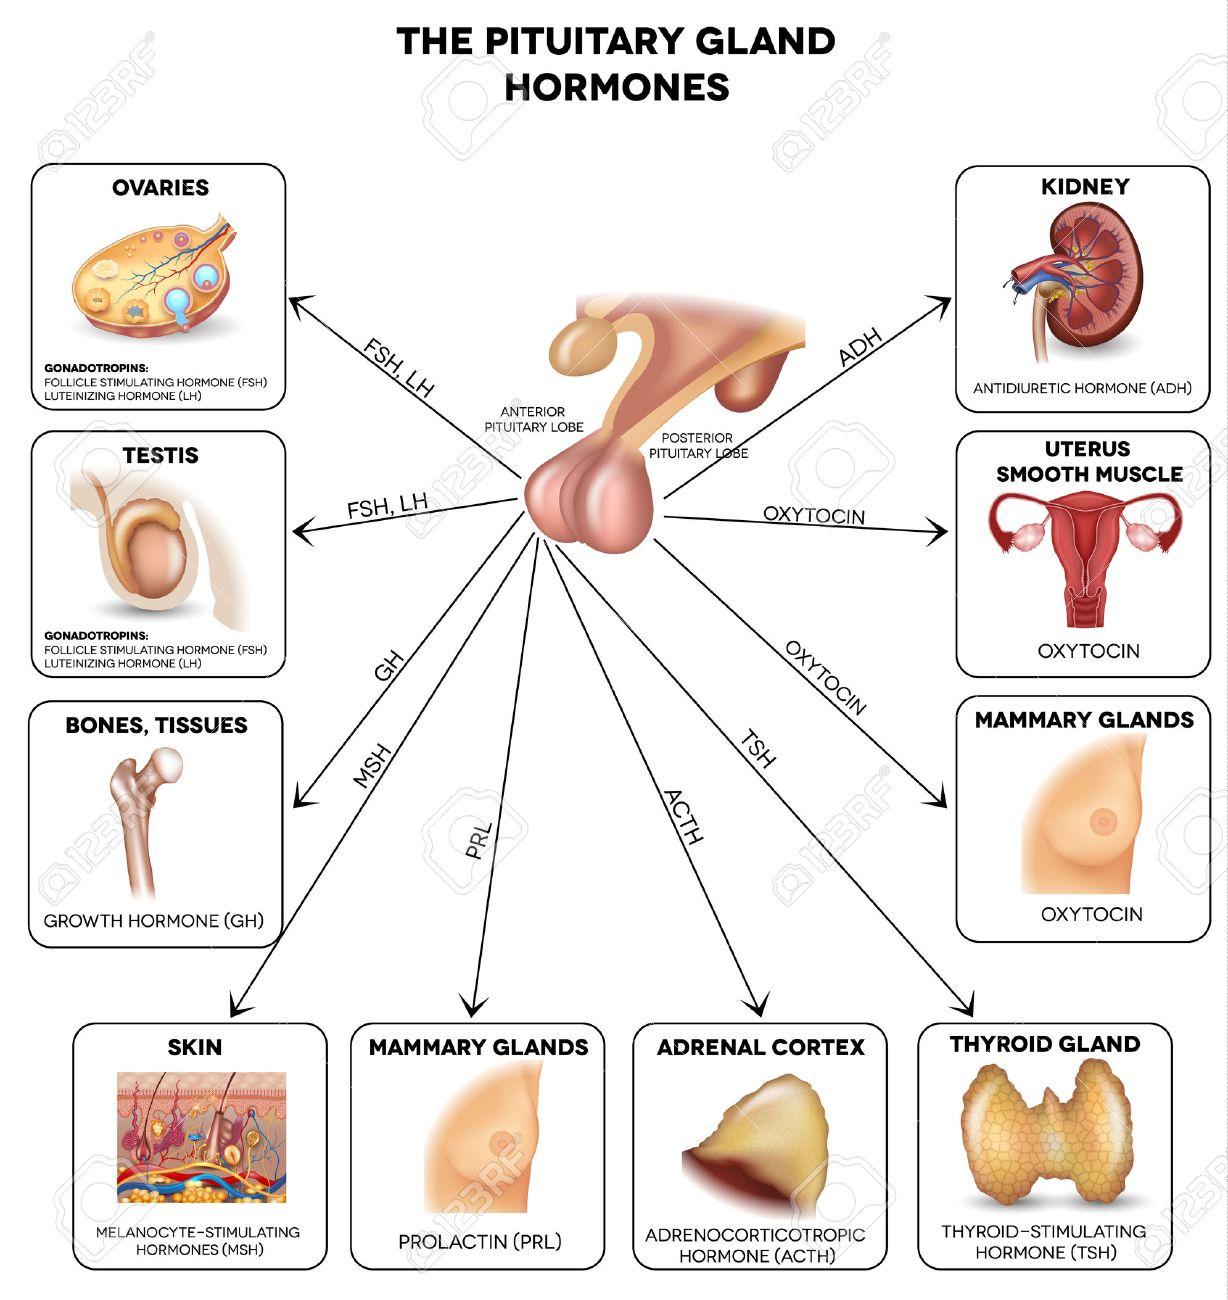 Glándula Pituitaria Segrega Hormonas E Influyó En Los órganos En El ...